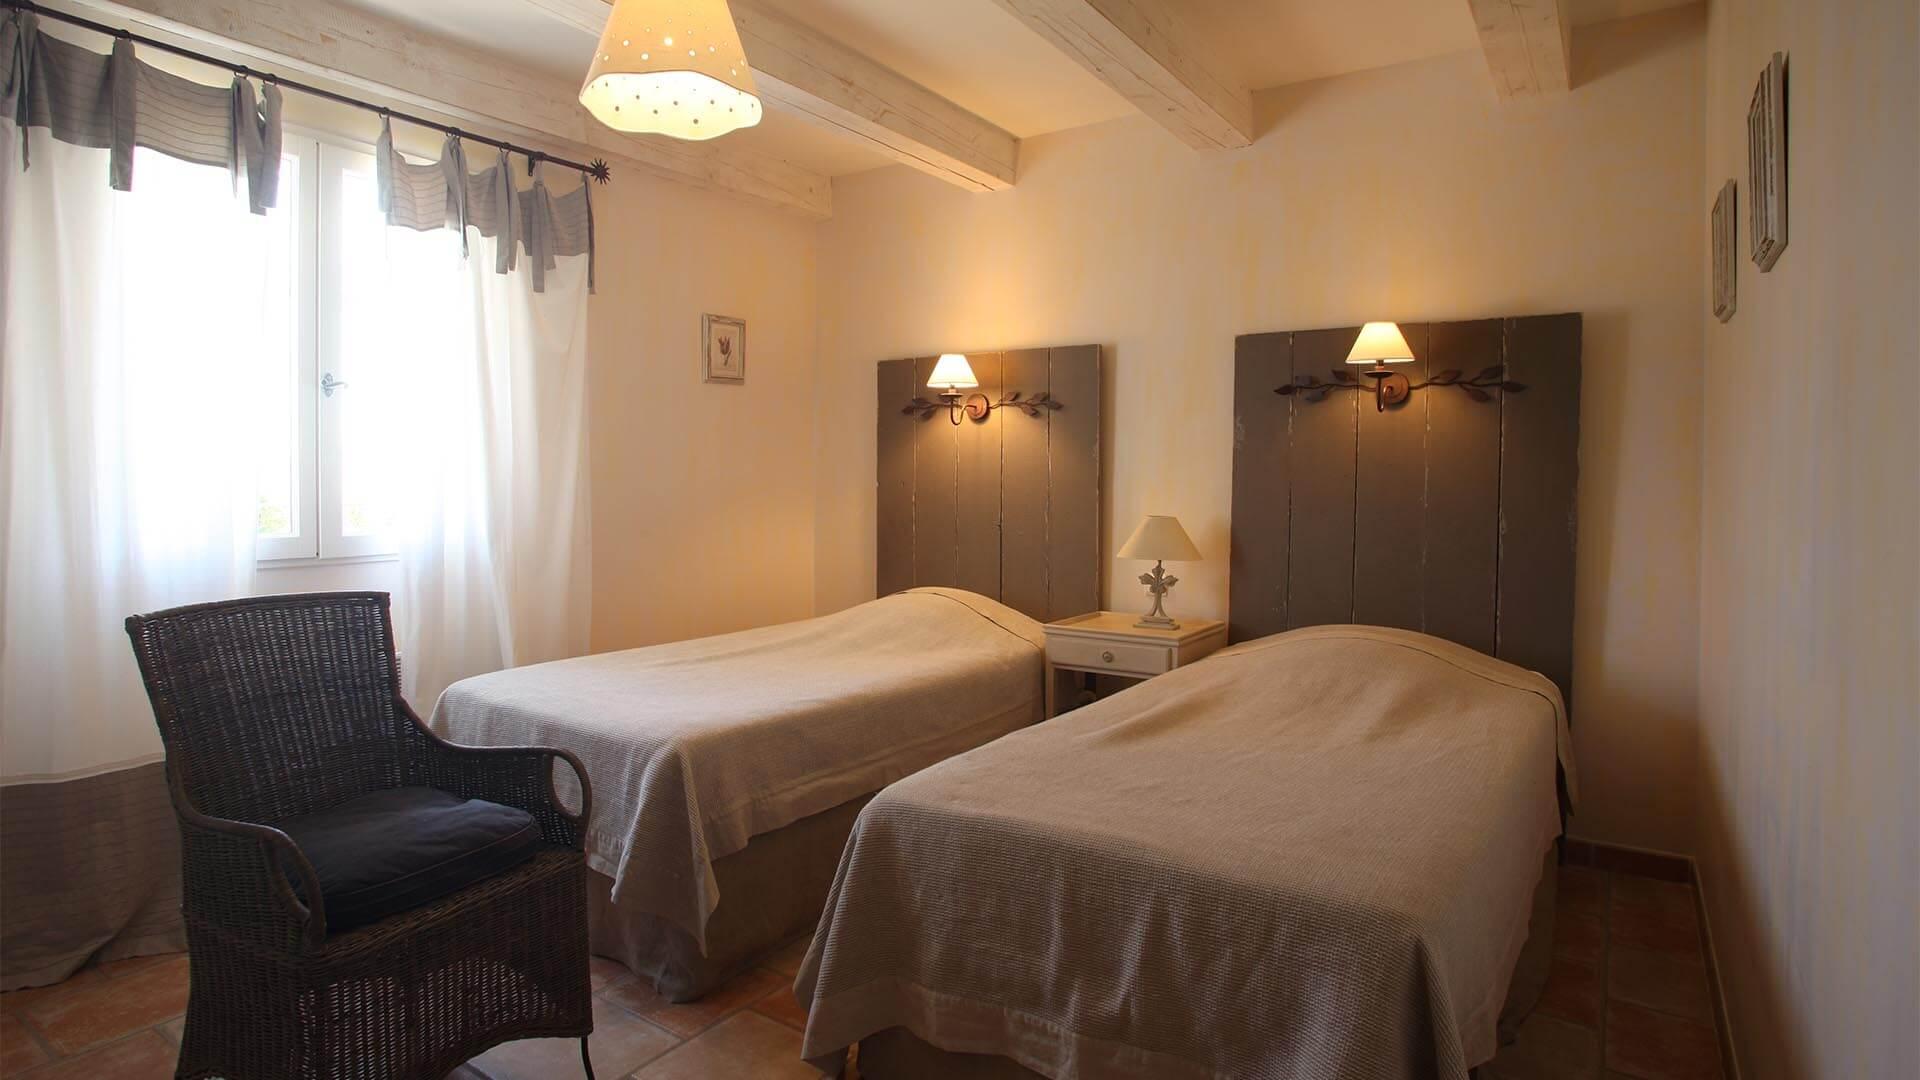 Location saisonnière maison Forcalquier | Villa les tournesols | Chambre deux lits